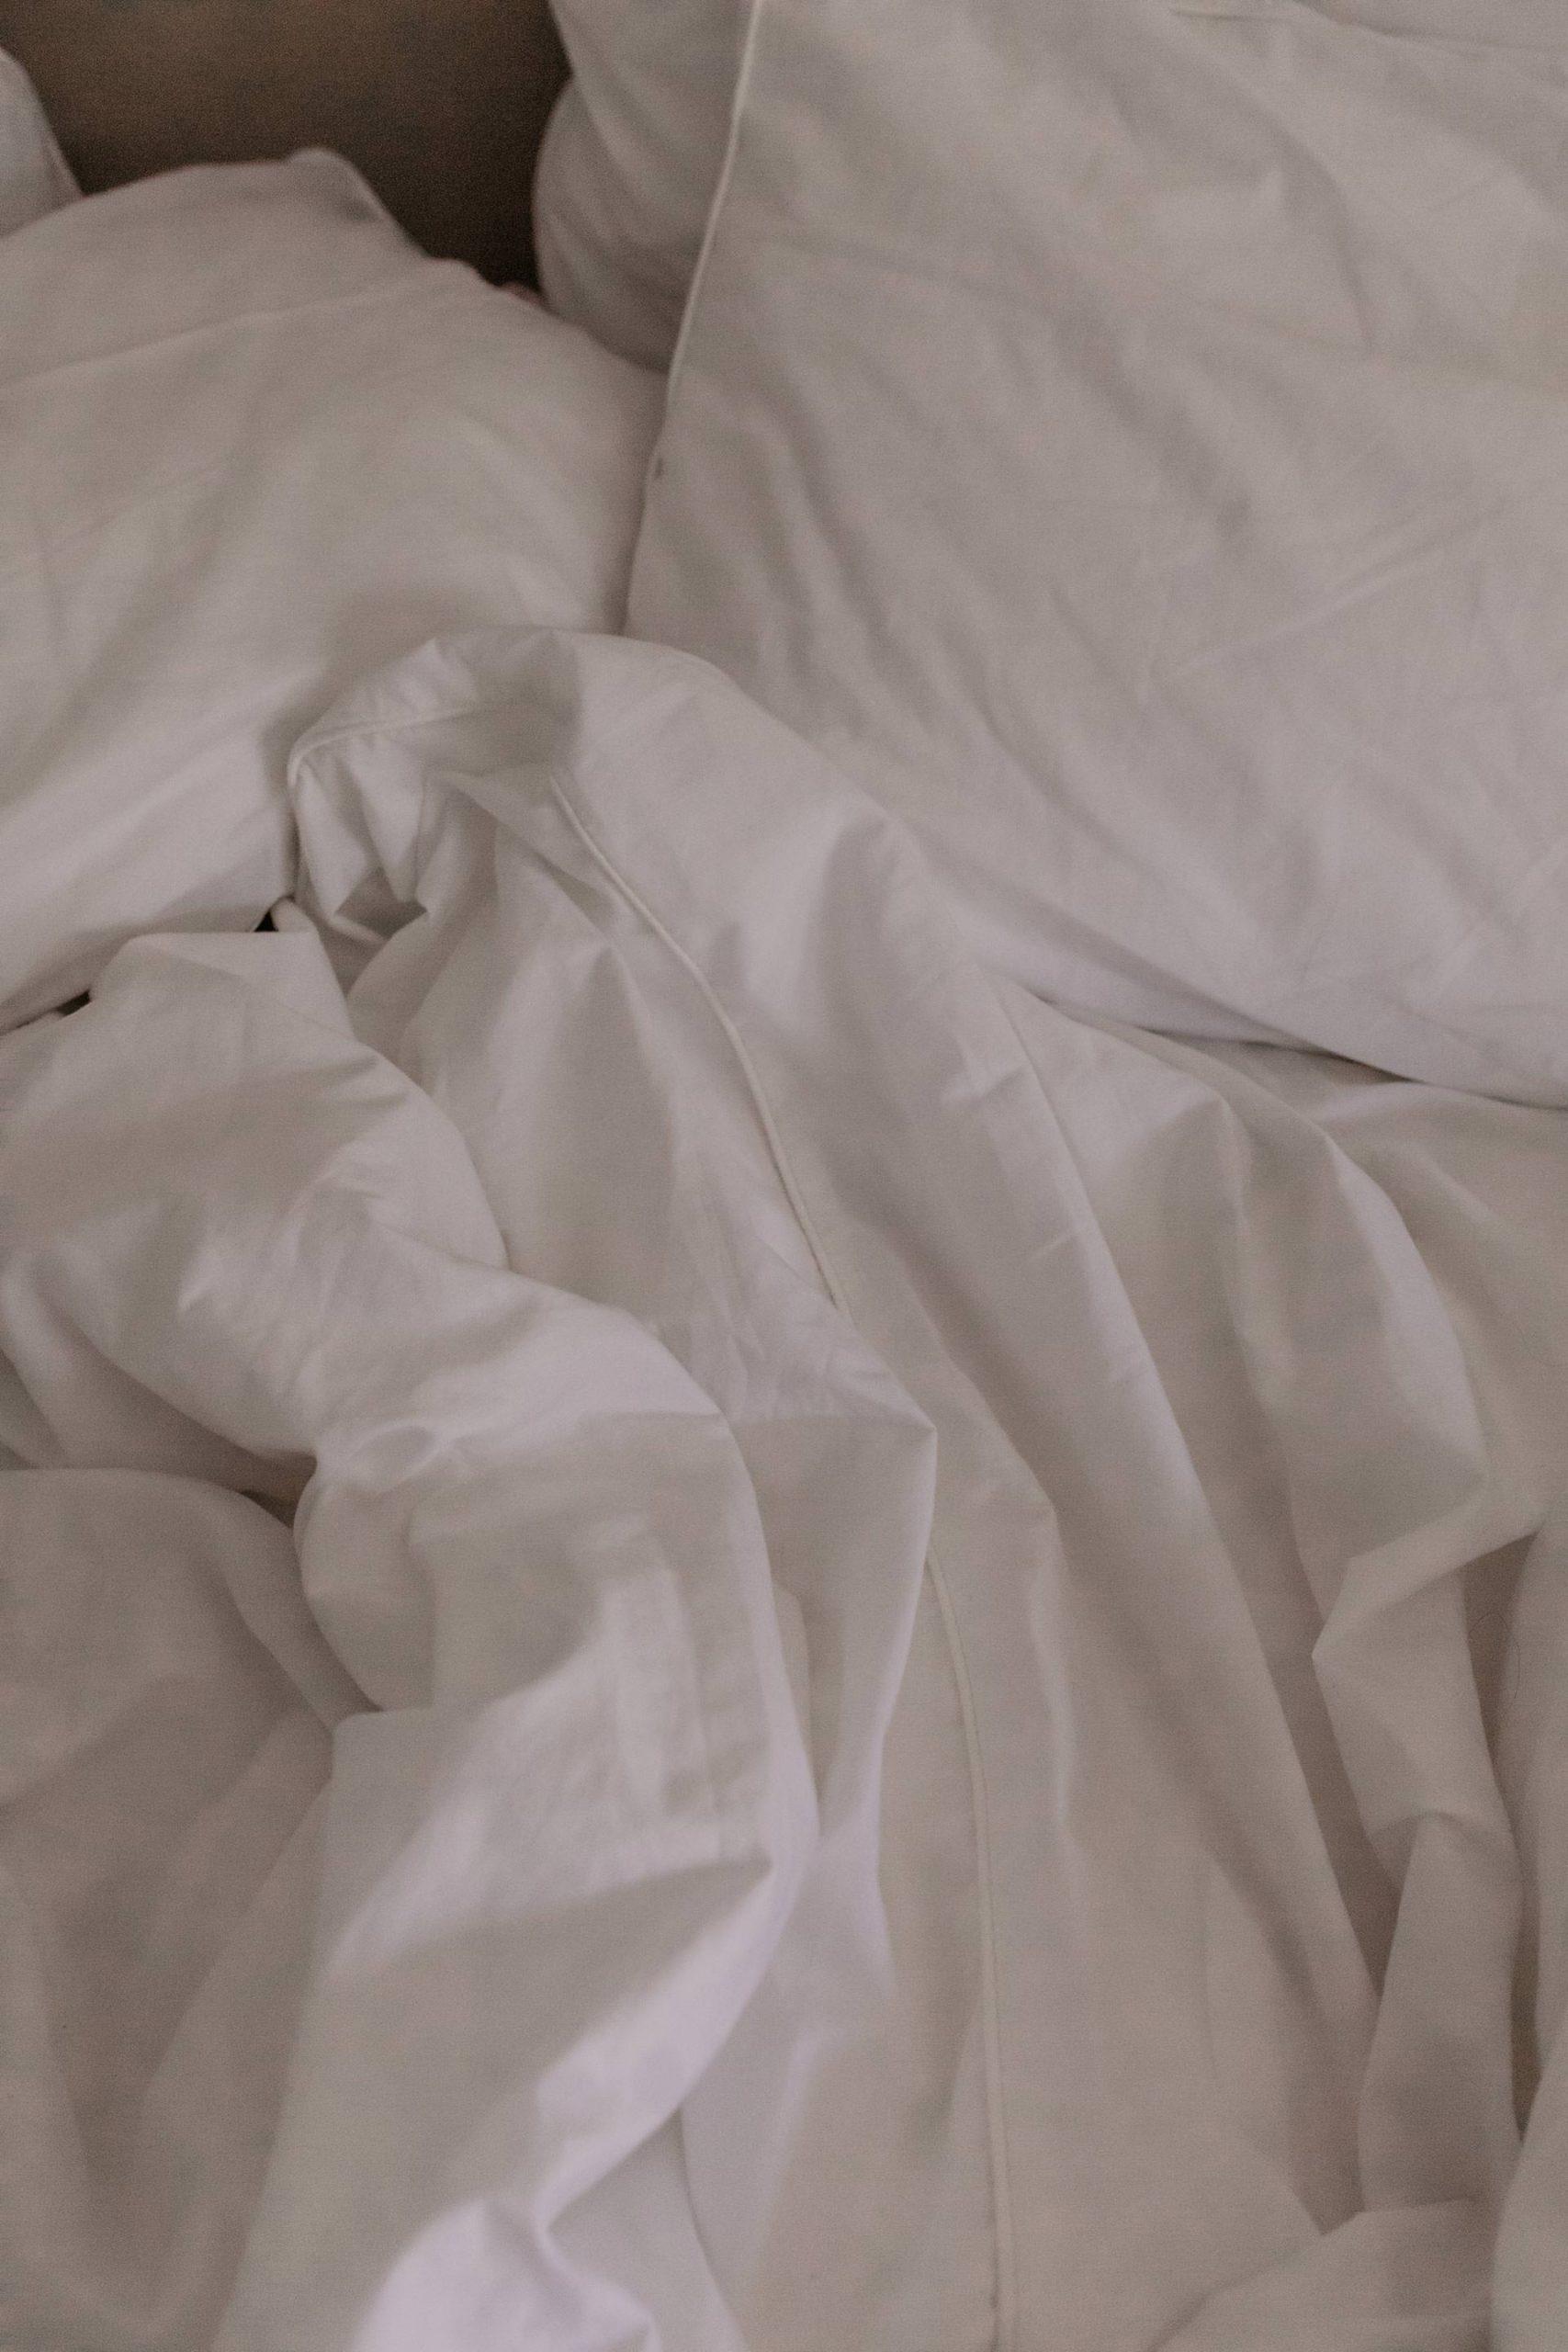 Du möchtest dein Schlafzimmer gemütlich machen? Ich habe 7 kuschelige sowie hilfreiche Ideen am Interior Blog für dich gesammelt. www.whoismocca.com